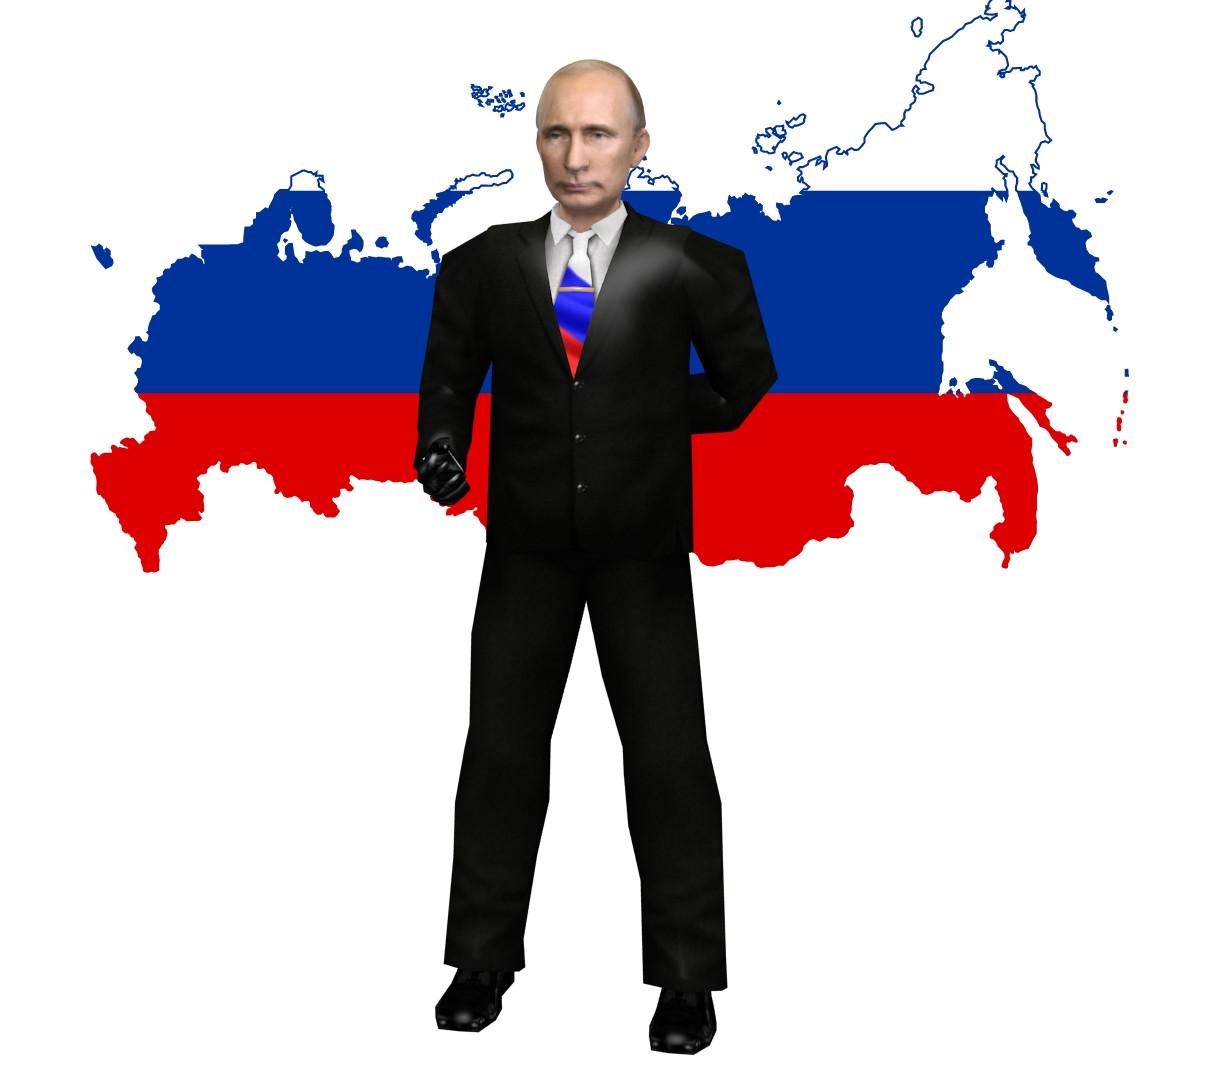 دانلود اسکین پلیر پوتین (CT) Putin برای کانتر استریک 1.6